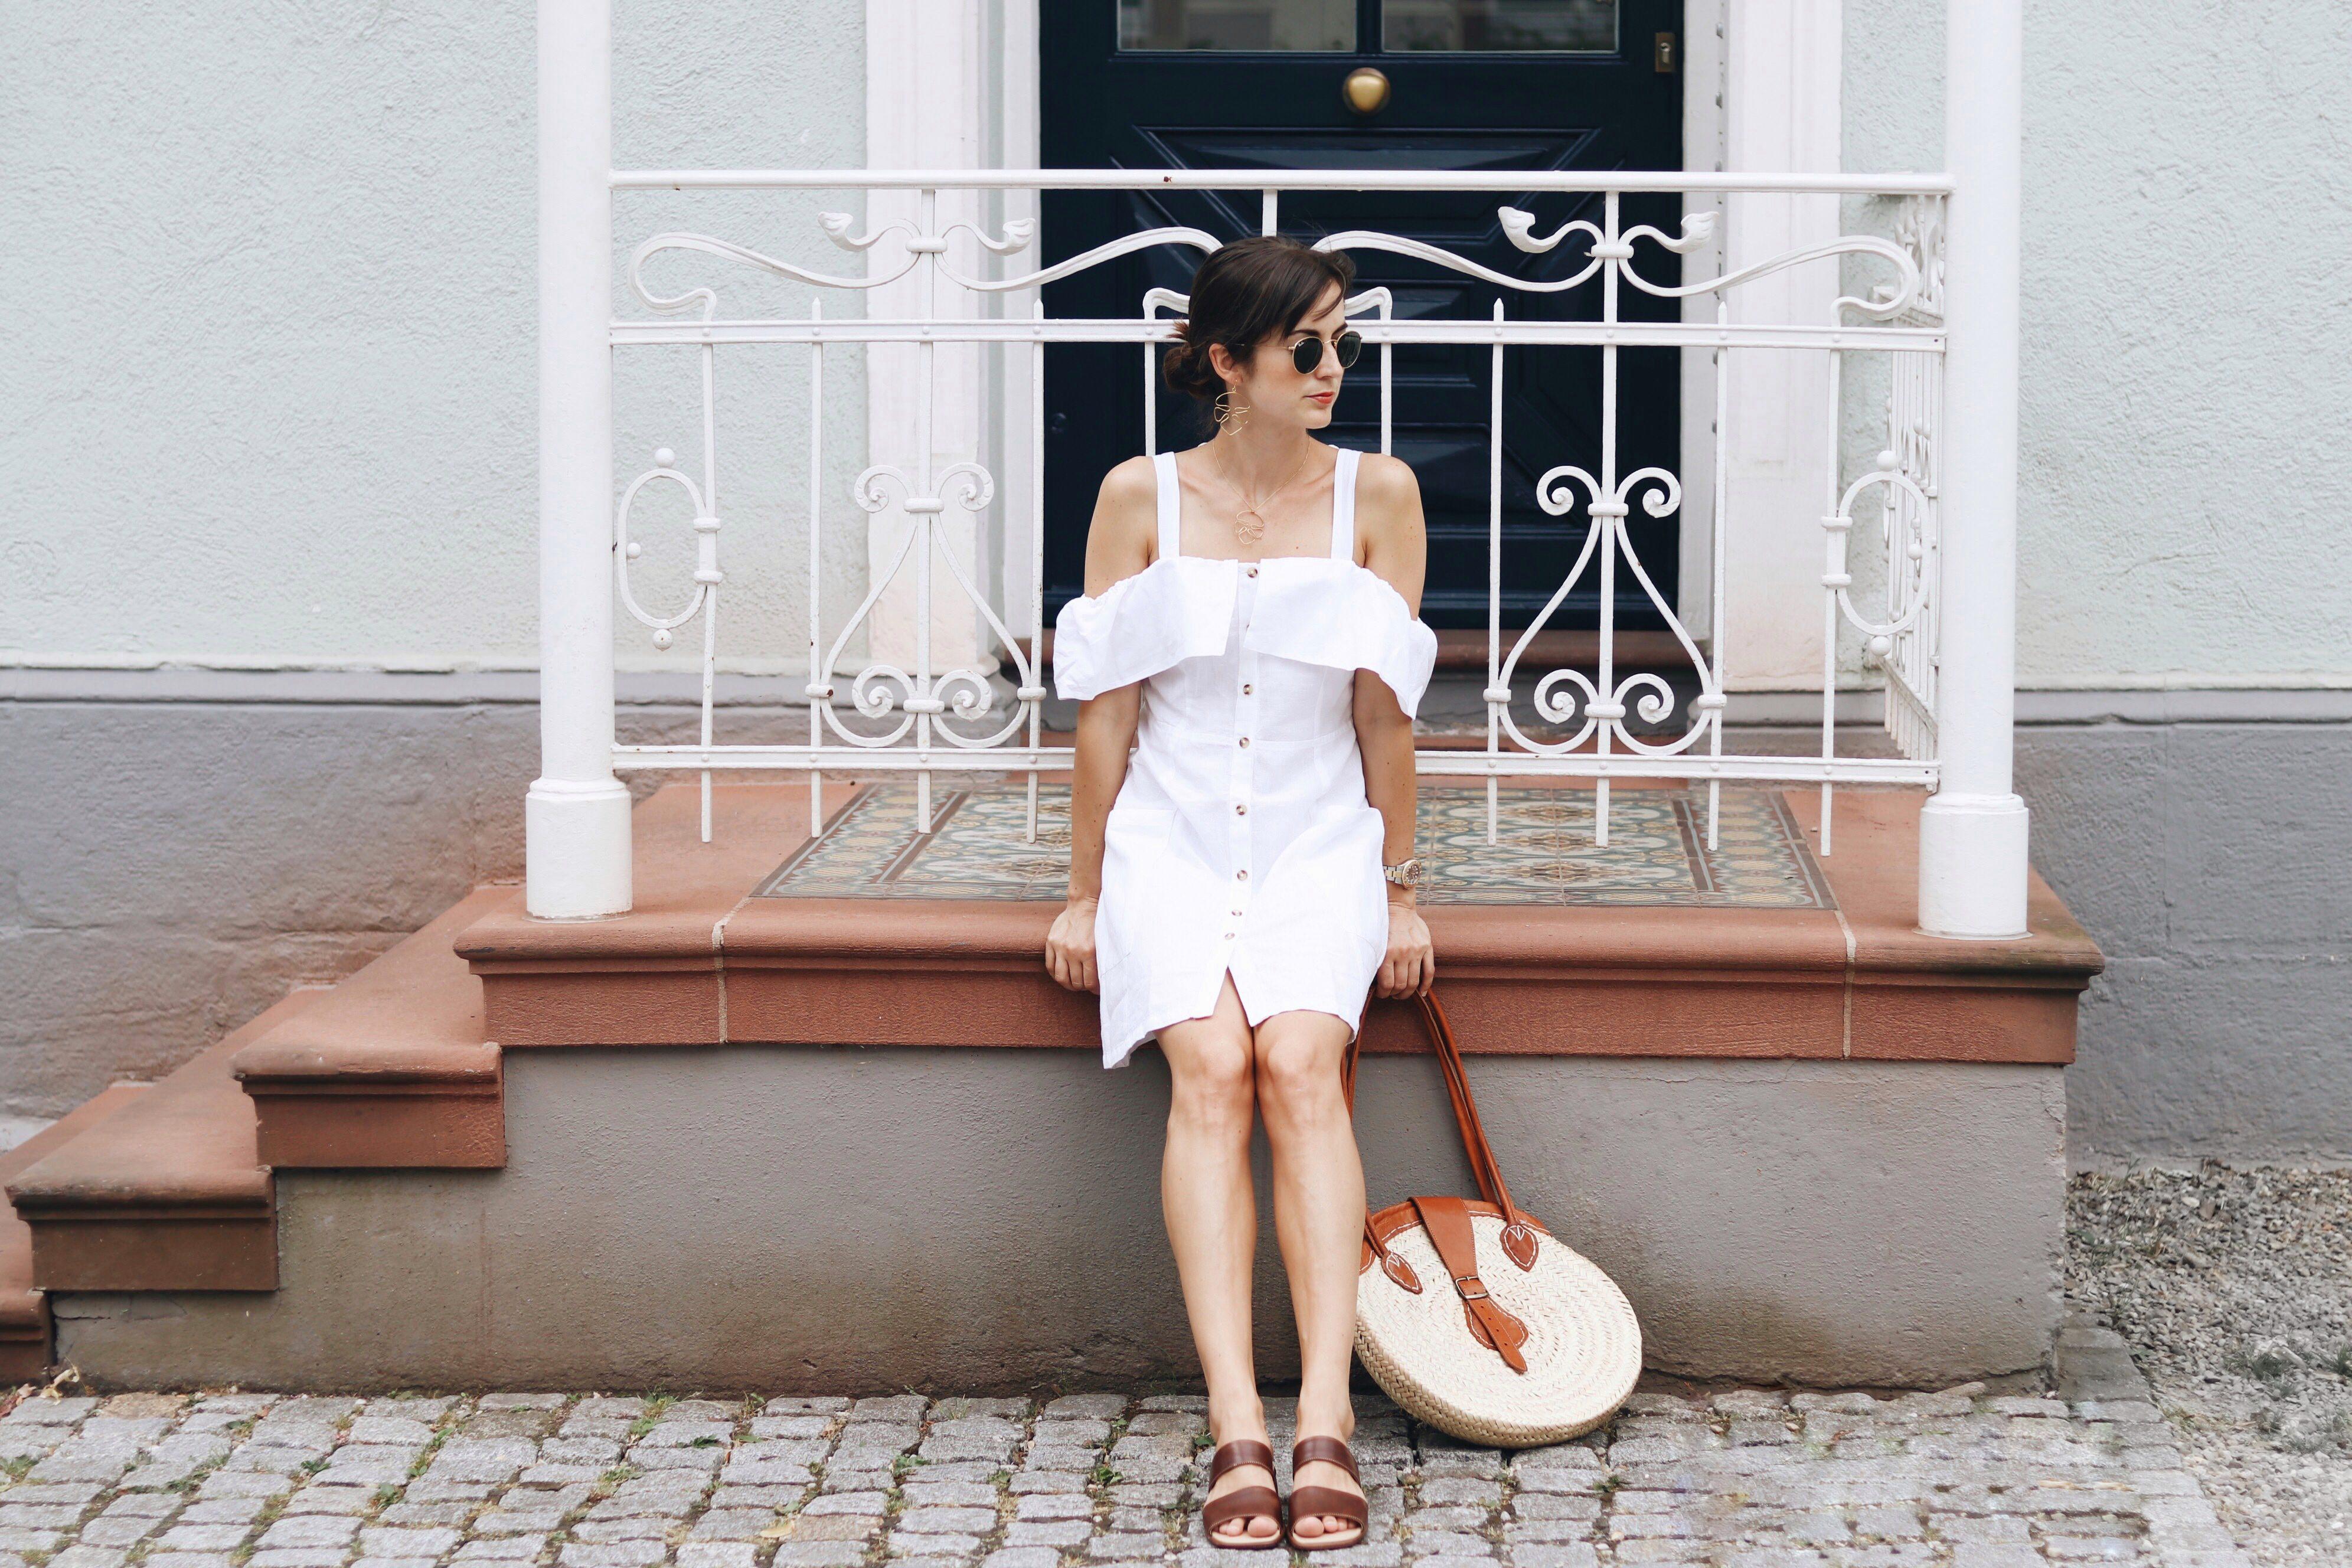 Leinenkleid-Leinen-Sommerkleid-weiß-Korbtasche-Birkin-Basket-Off-Shoulder-Cold-Shoulder-Modetrends-Fashionpost-Outfitpost-Sommerlooks